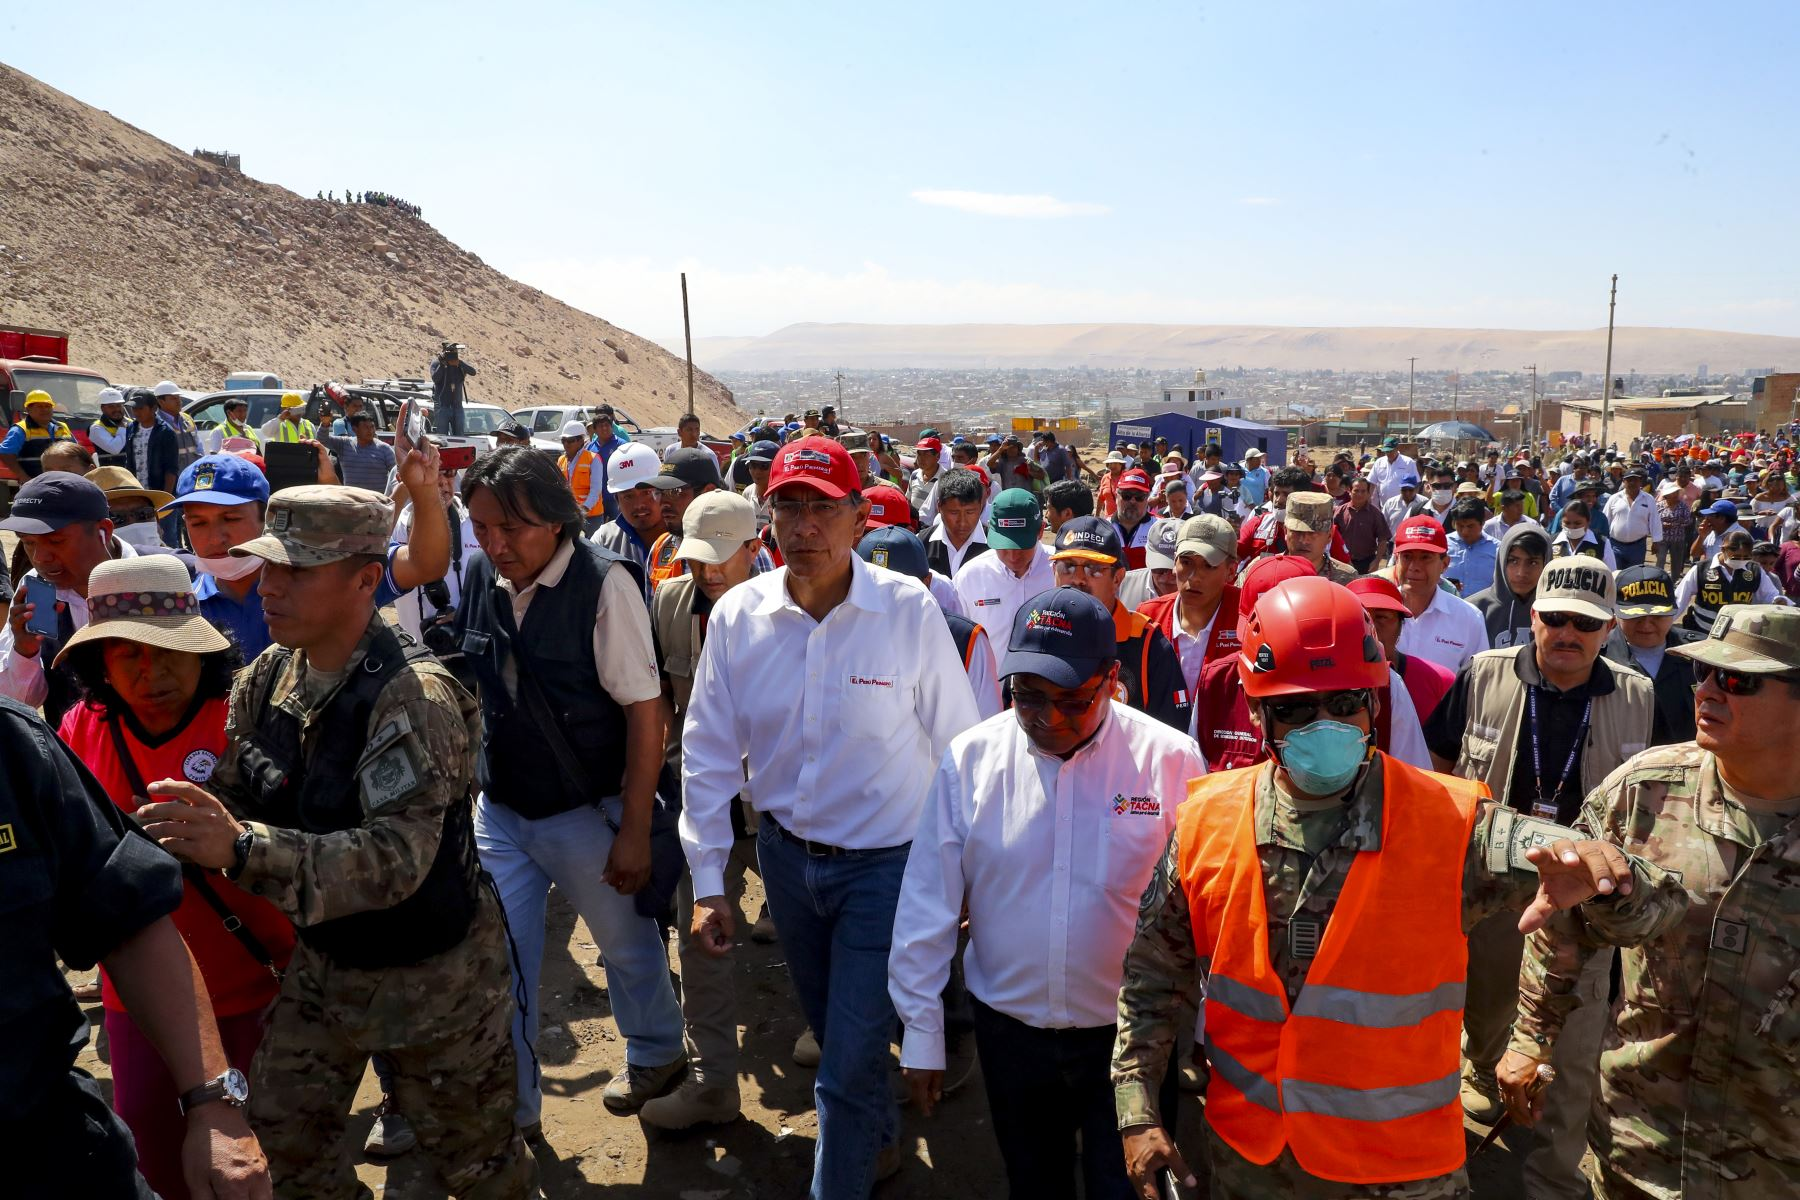 El Presidente de la República, Martín Vizcarra, arribó a la región Tacna para supervisar y evaluar las acciones multisectoriales en apoyo a los damnificados por las fuertes lluvias y posterior huaico que afectaron esta zona del país. Foto: ANDINA/Prensa Presidencia